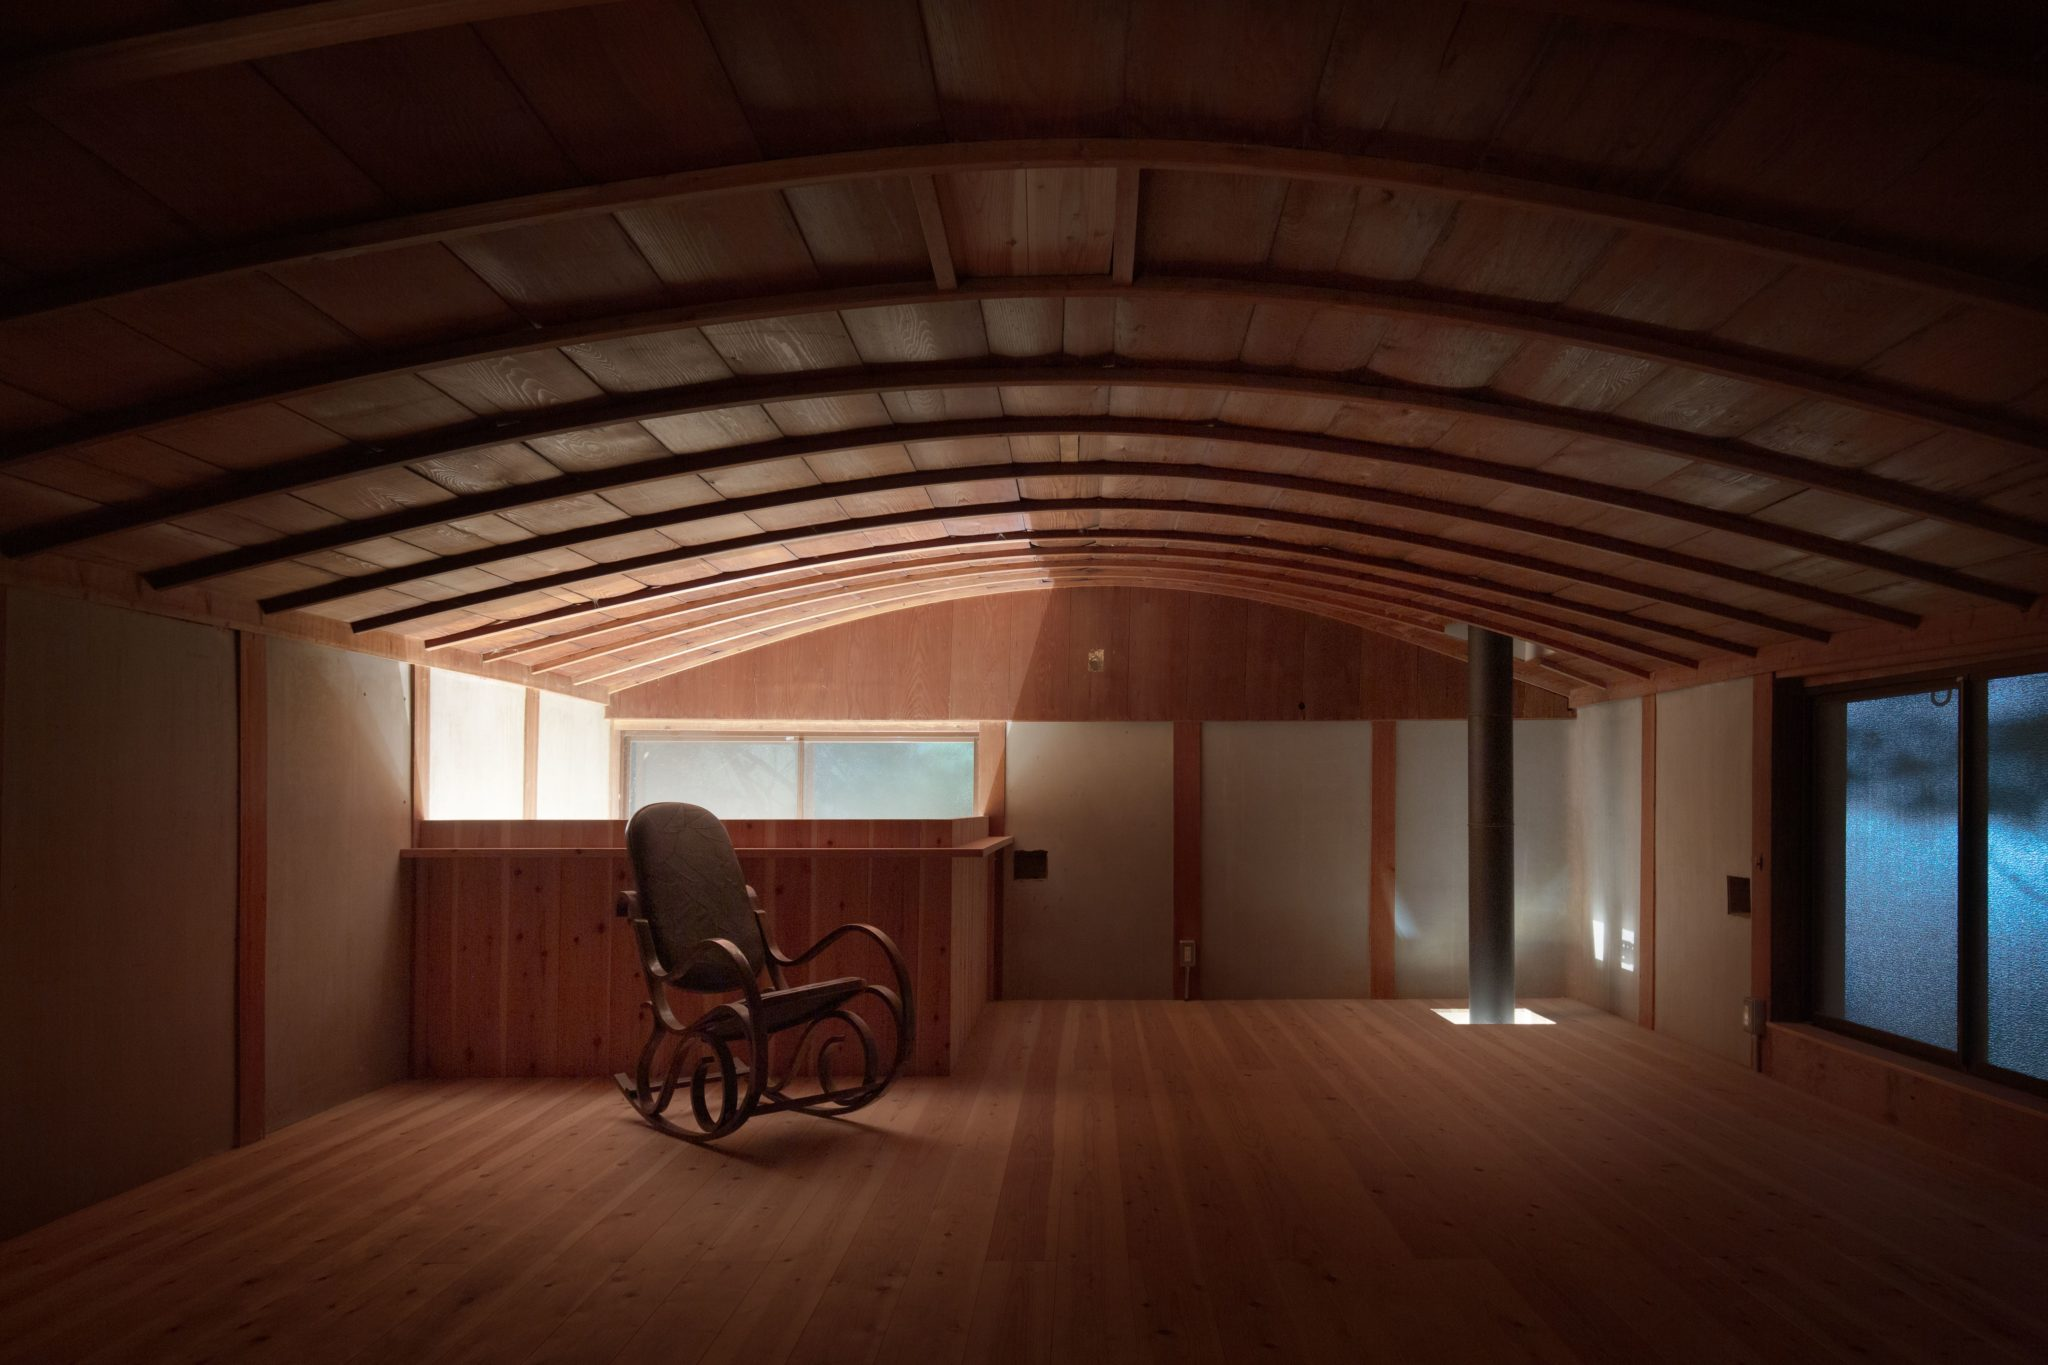 2階のこの天井が移住の決め手だったかも。吹抜けから1階の光が。